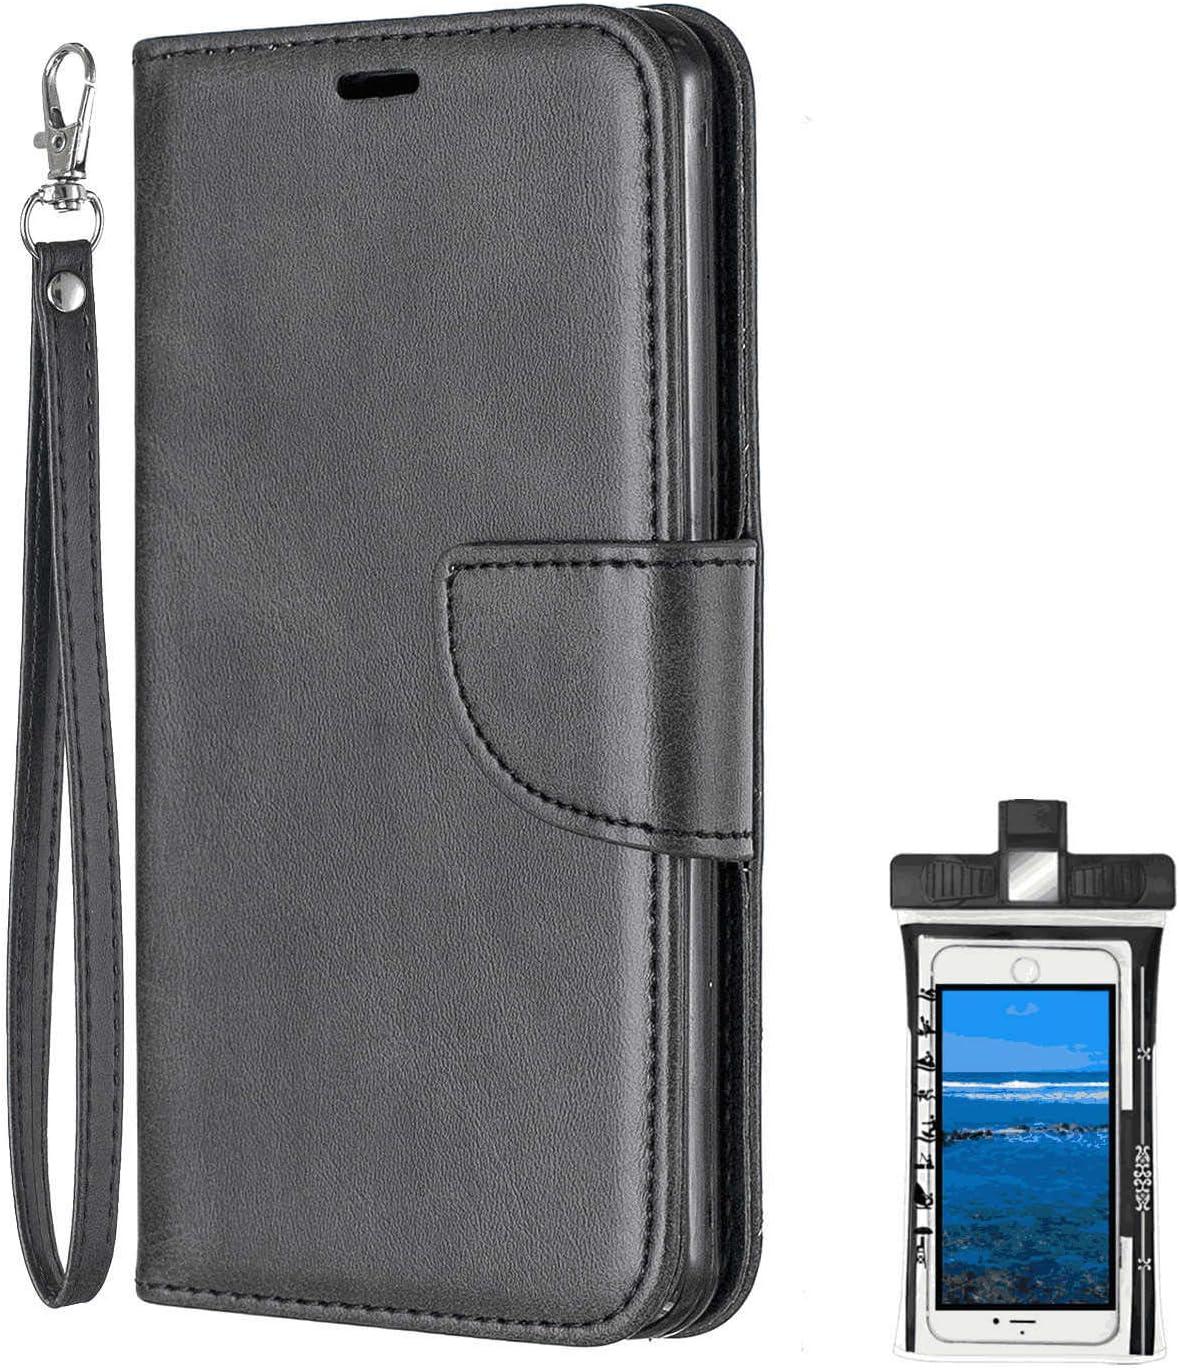 Samsung Galaxy ノート Note 9 レザー ケース, 手帳型 サムスン ギャラクシー ノート Note 9 本革 カバー収納 財布 耐摩擦 ビジネス 携帯カバー 無料付スマホ防水ポーチIPX8 Fashion